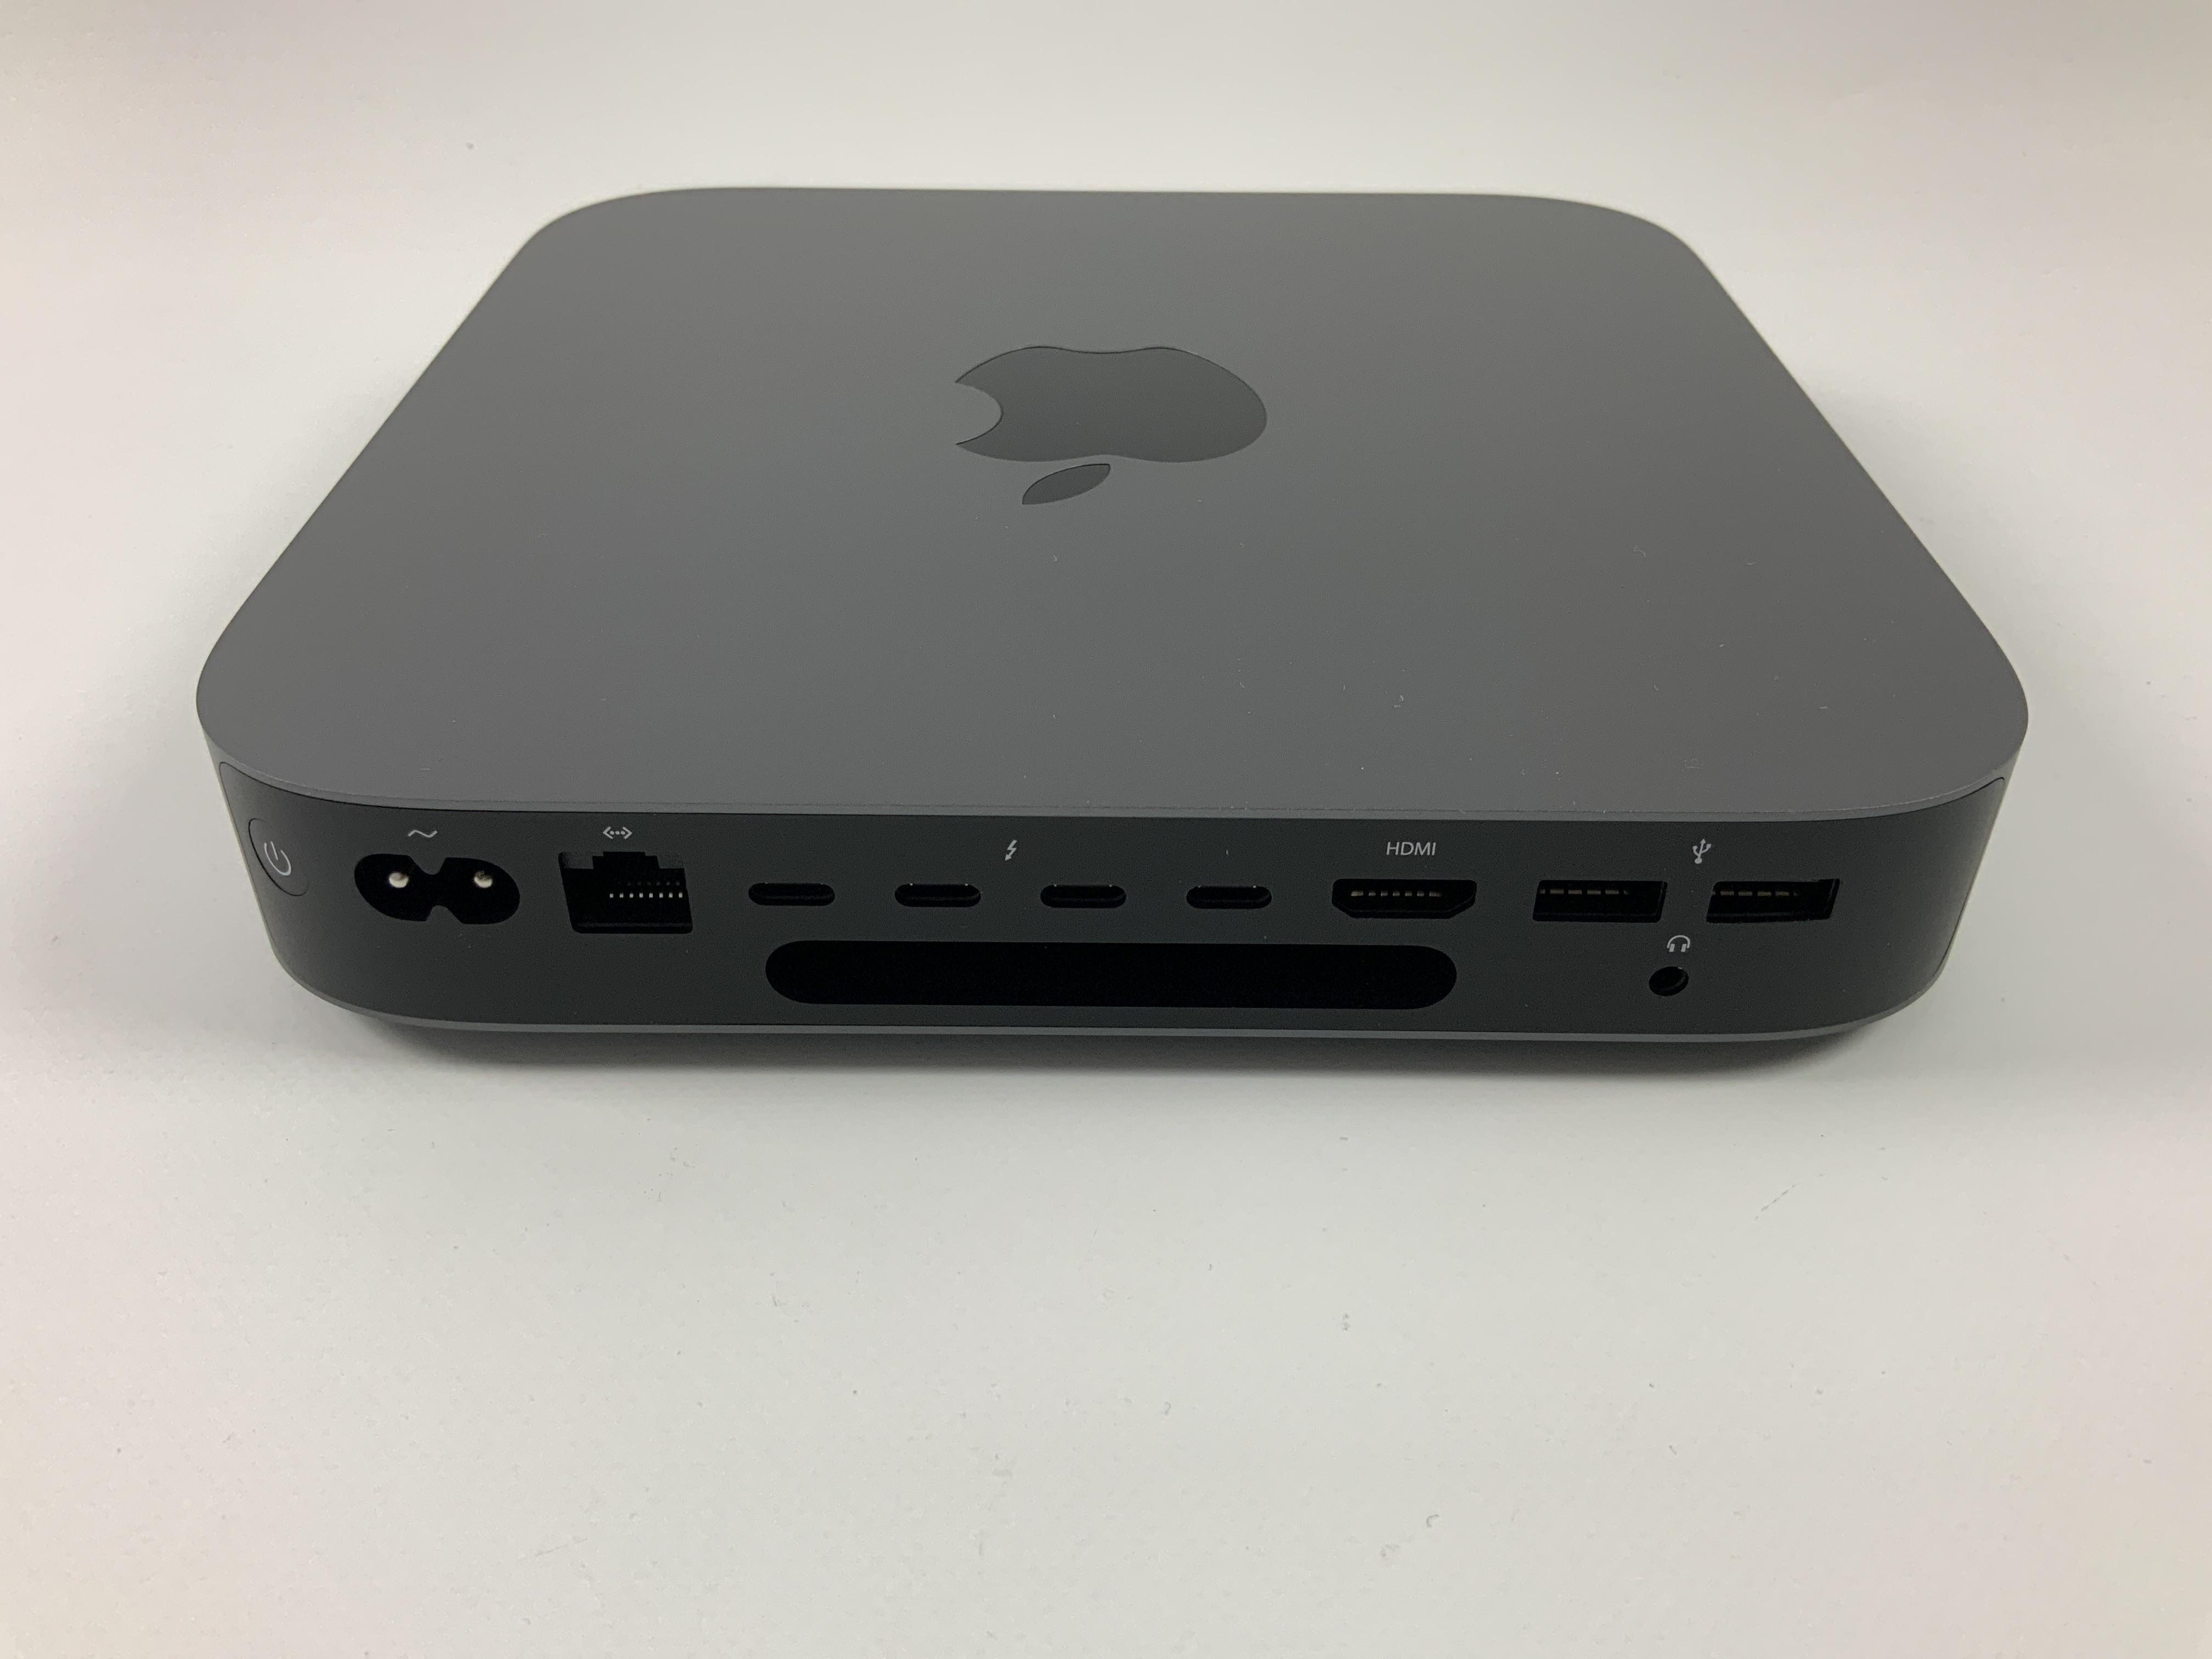 Mac Mini Late 2018 (Intel 6-Core i5 3.0 GHz 32 GB RAM 256 GB SSD), Intel 6-Core i5 3.0 GHz, 32 GB RAM, 256 GB SSD, imagen 4